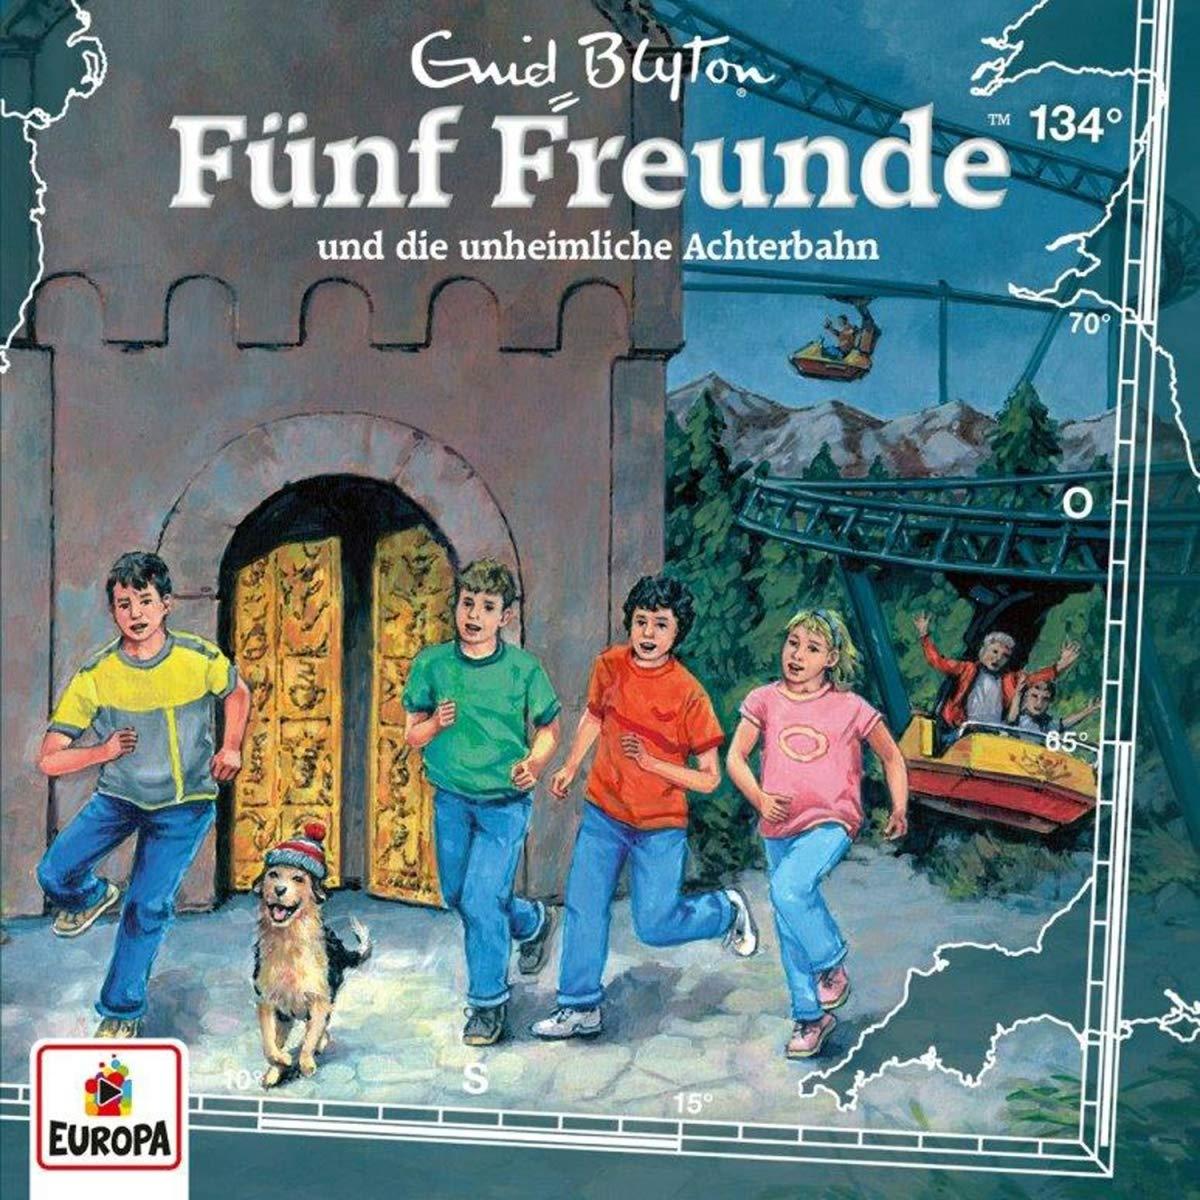 Fünf Freunde - Folge 134 - ... und die unheimliche Achterbahn